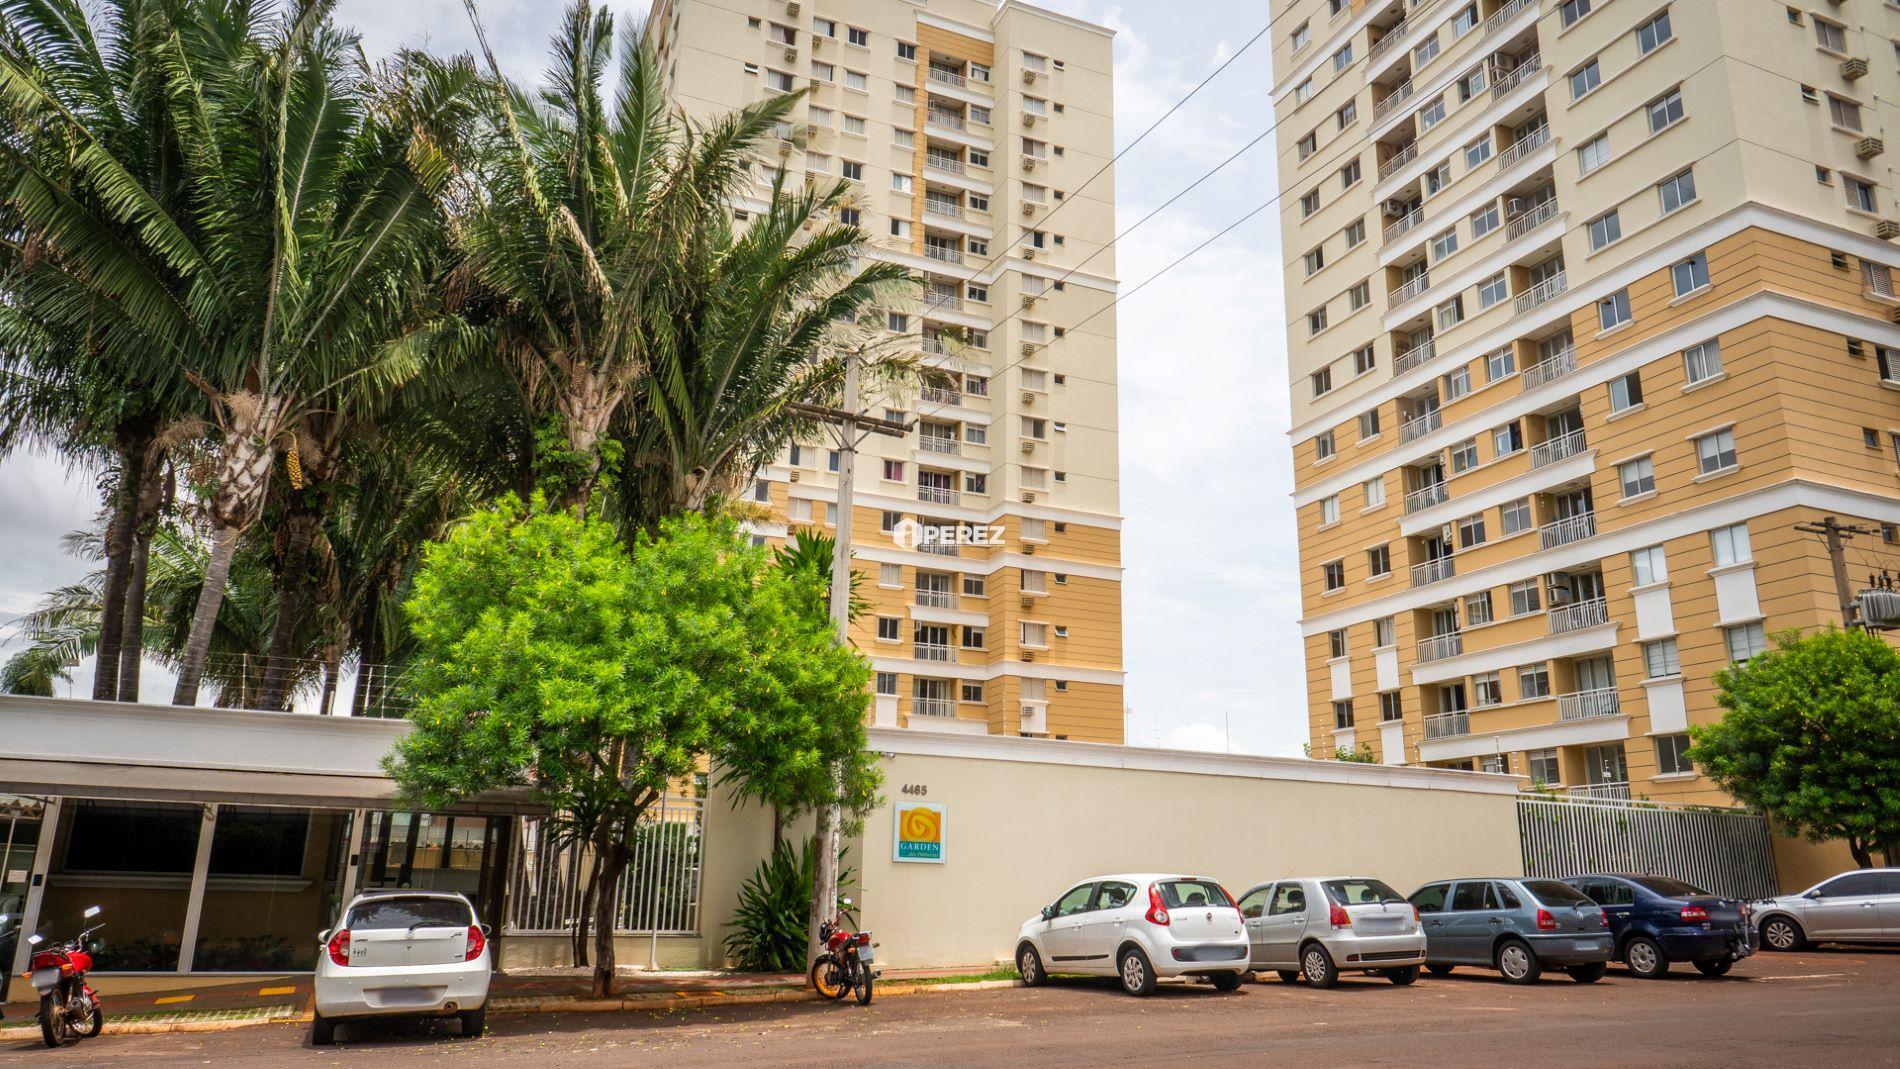 aluguel-campo-grande-ms-apartamento-quatorze-de-julho-sao-francisco-perez-imoveis